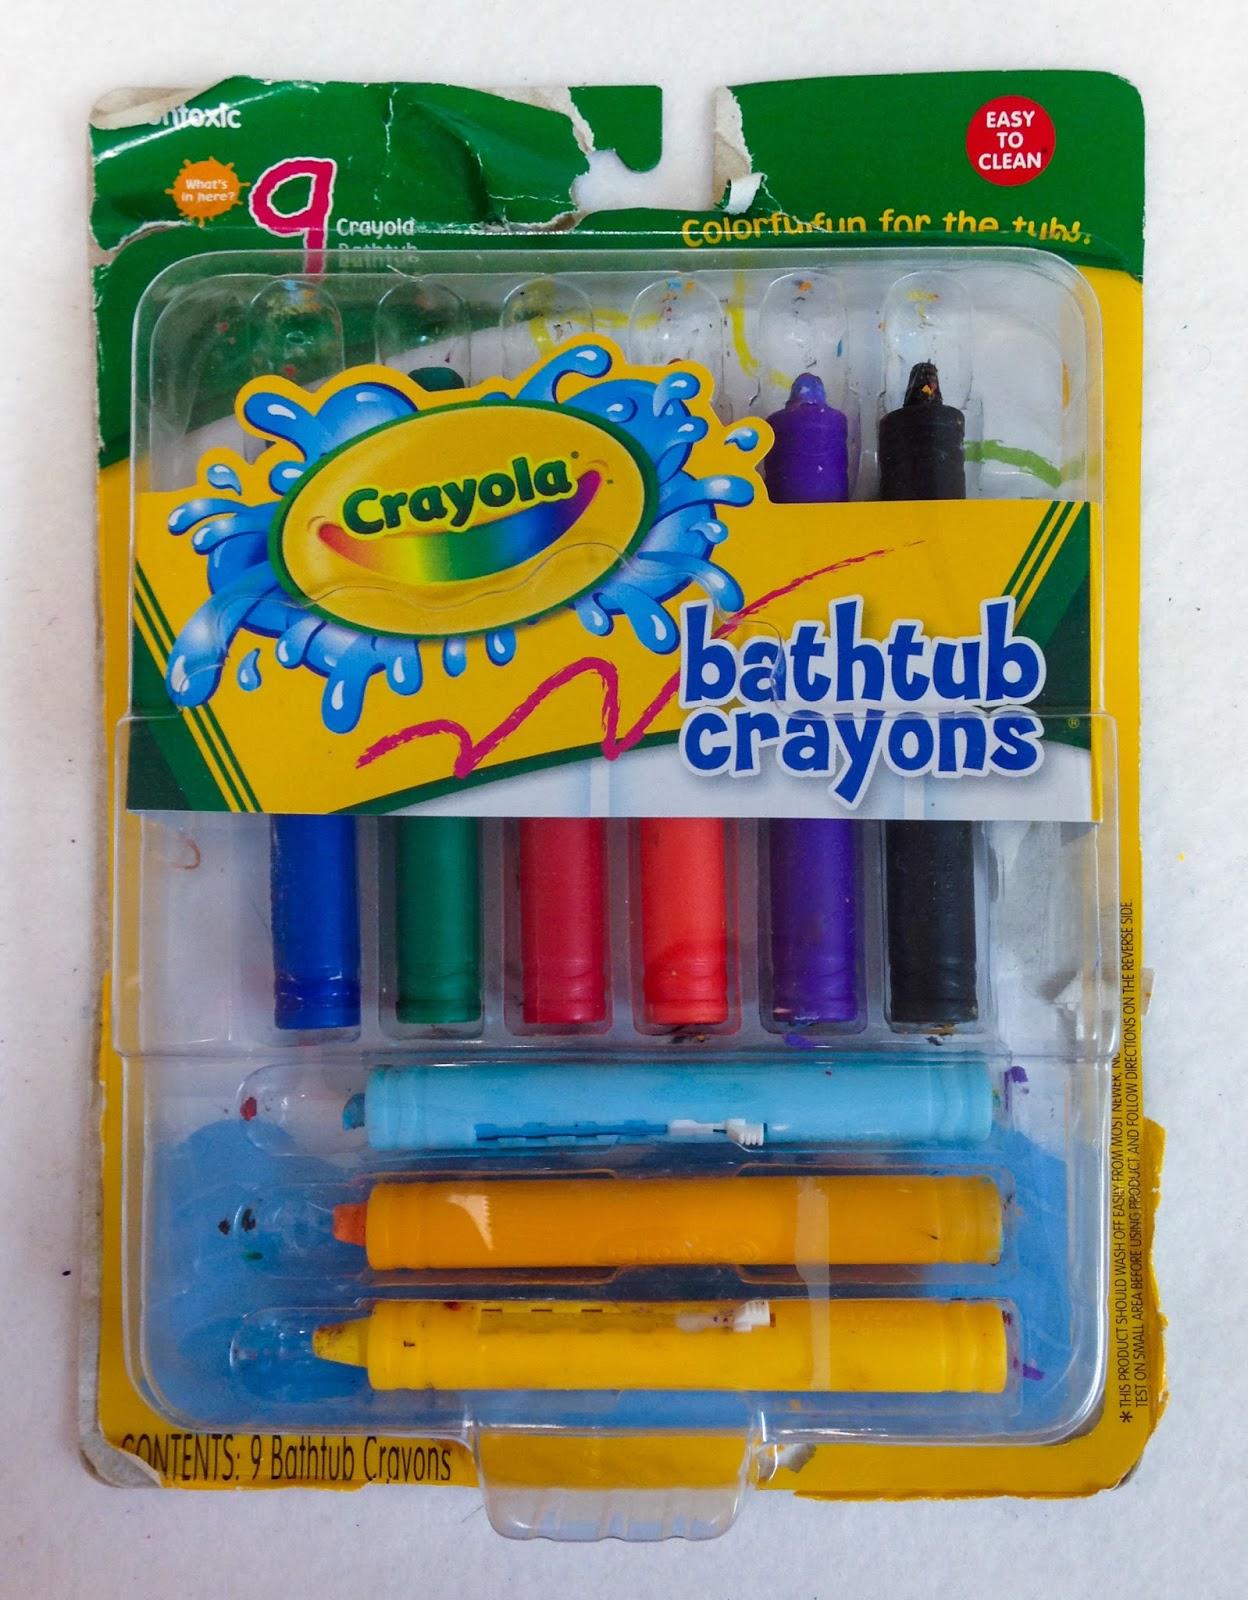 click here to find crayola bathtub fun on amazon - Crayola Bathroom Crayons